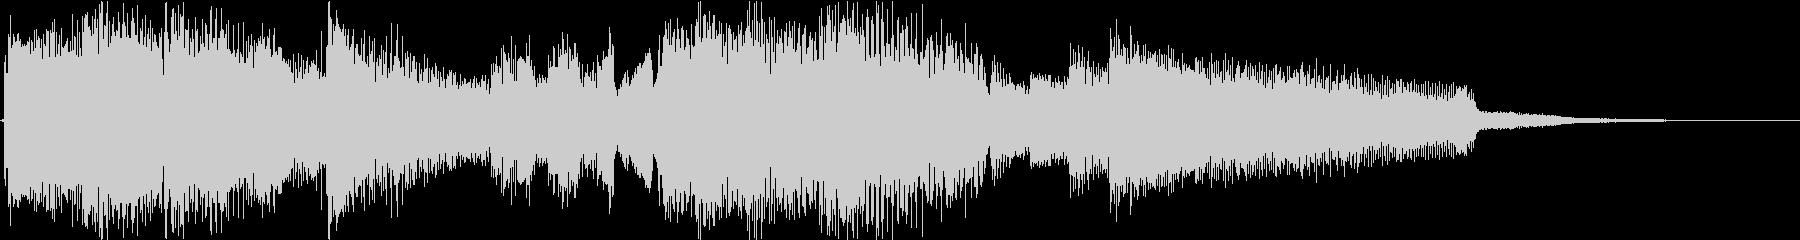 ほのぼのするギタージングル3の未再生の波形